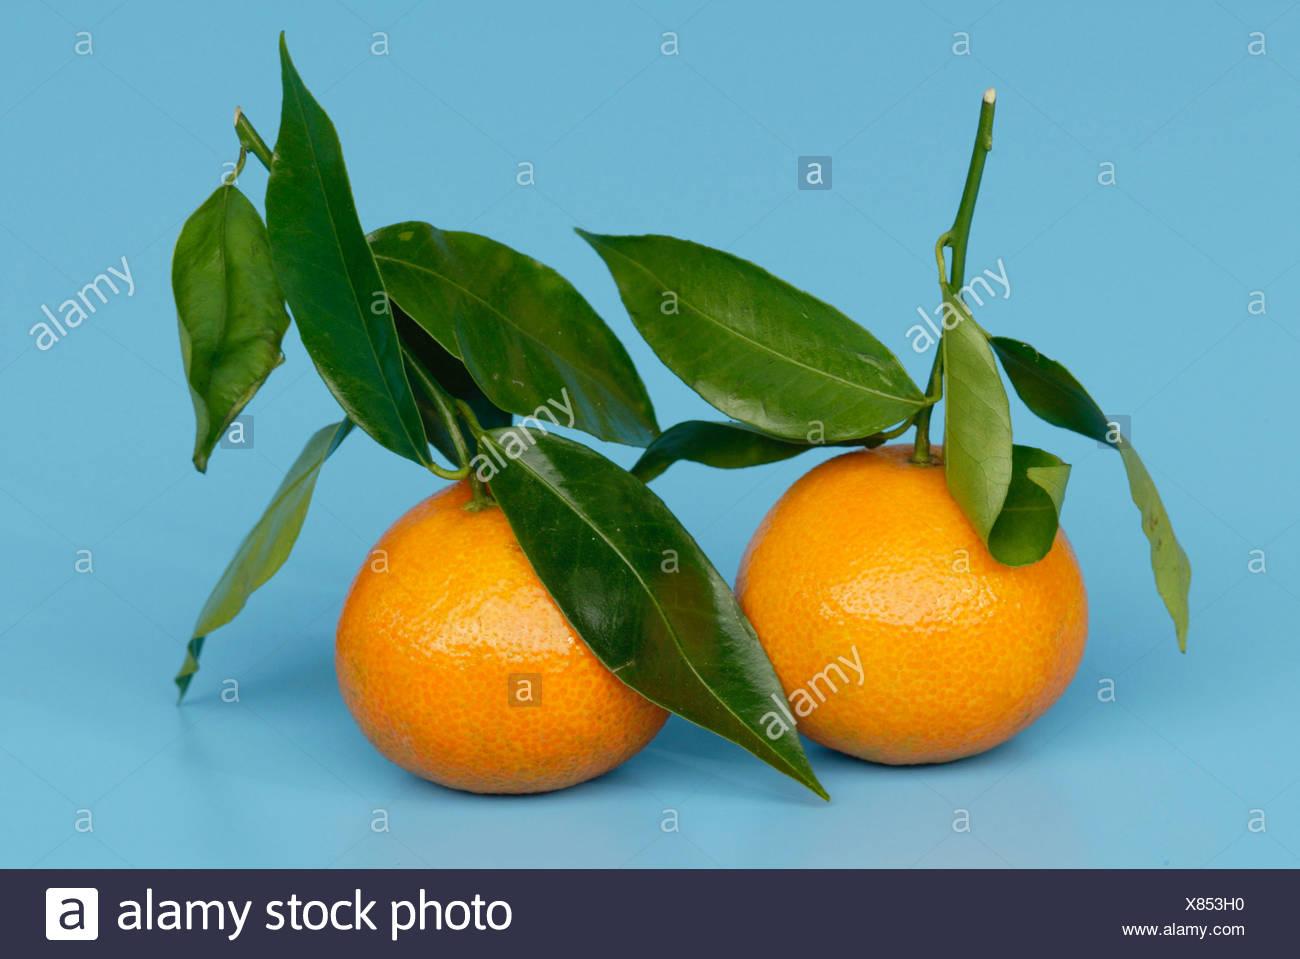 Tangerines Citrus reticulata Stock Photo